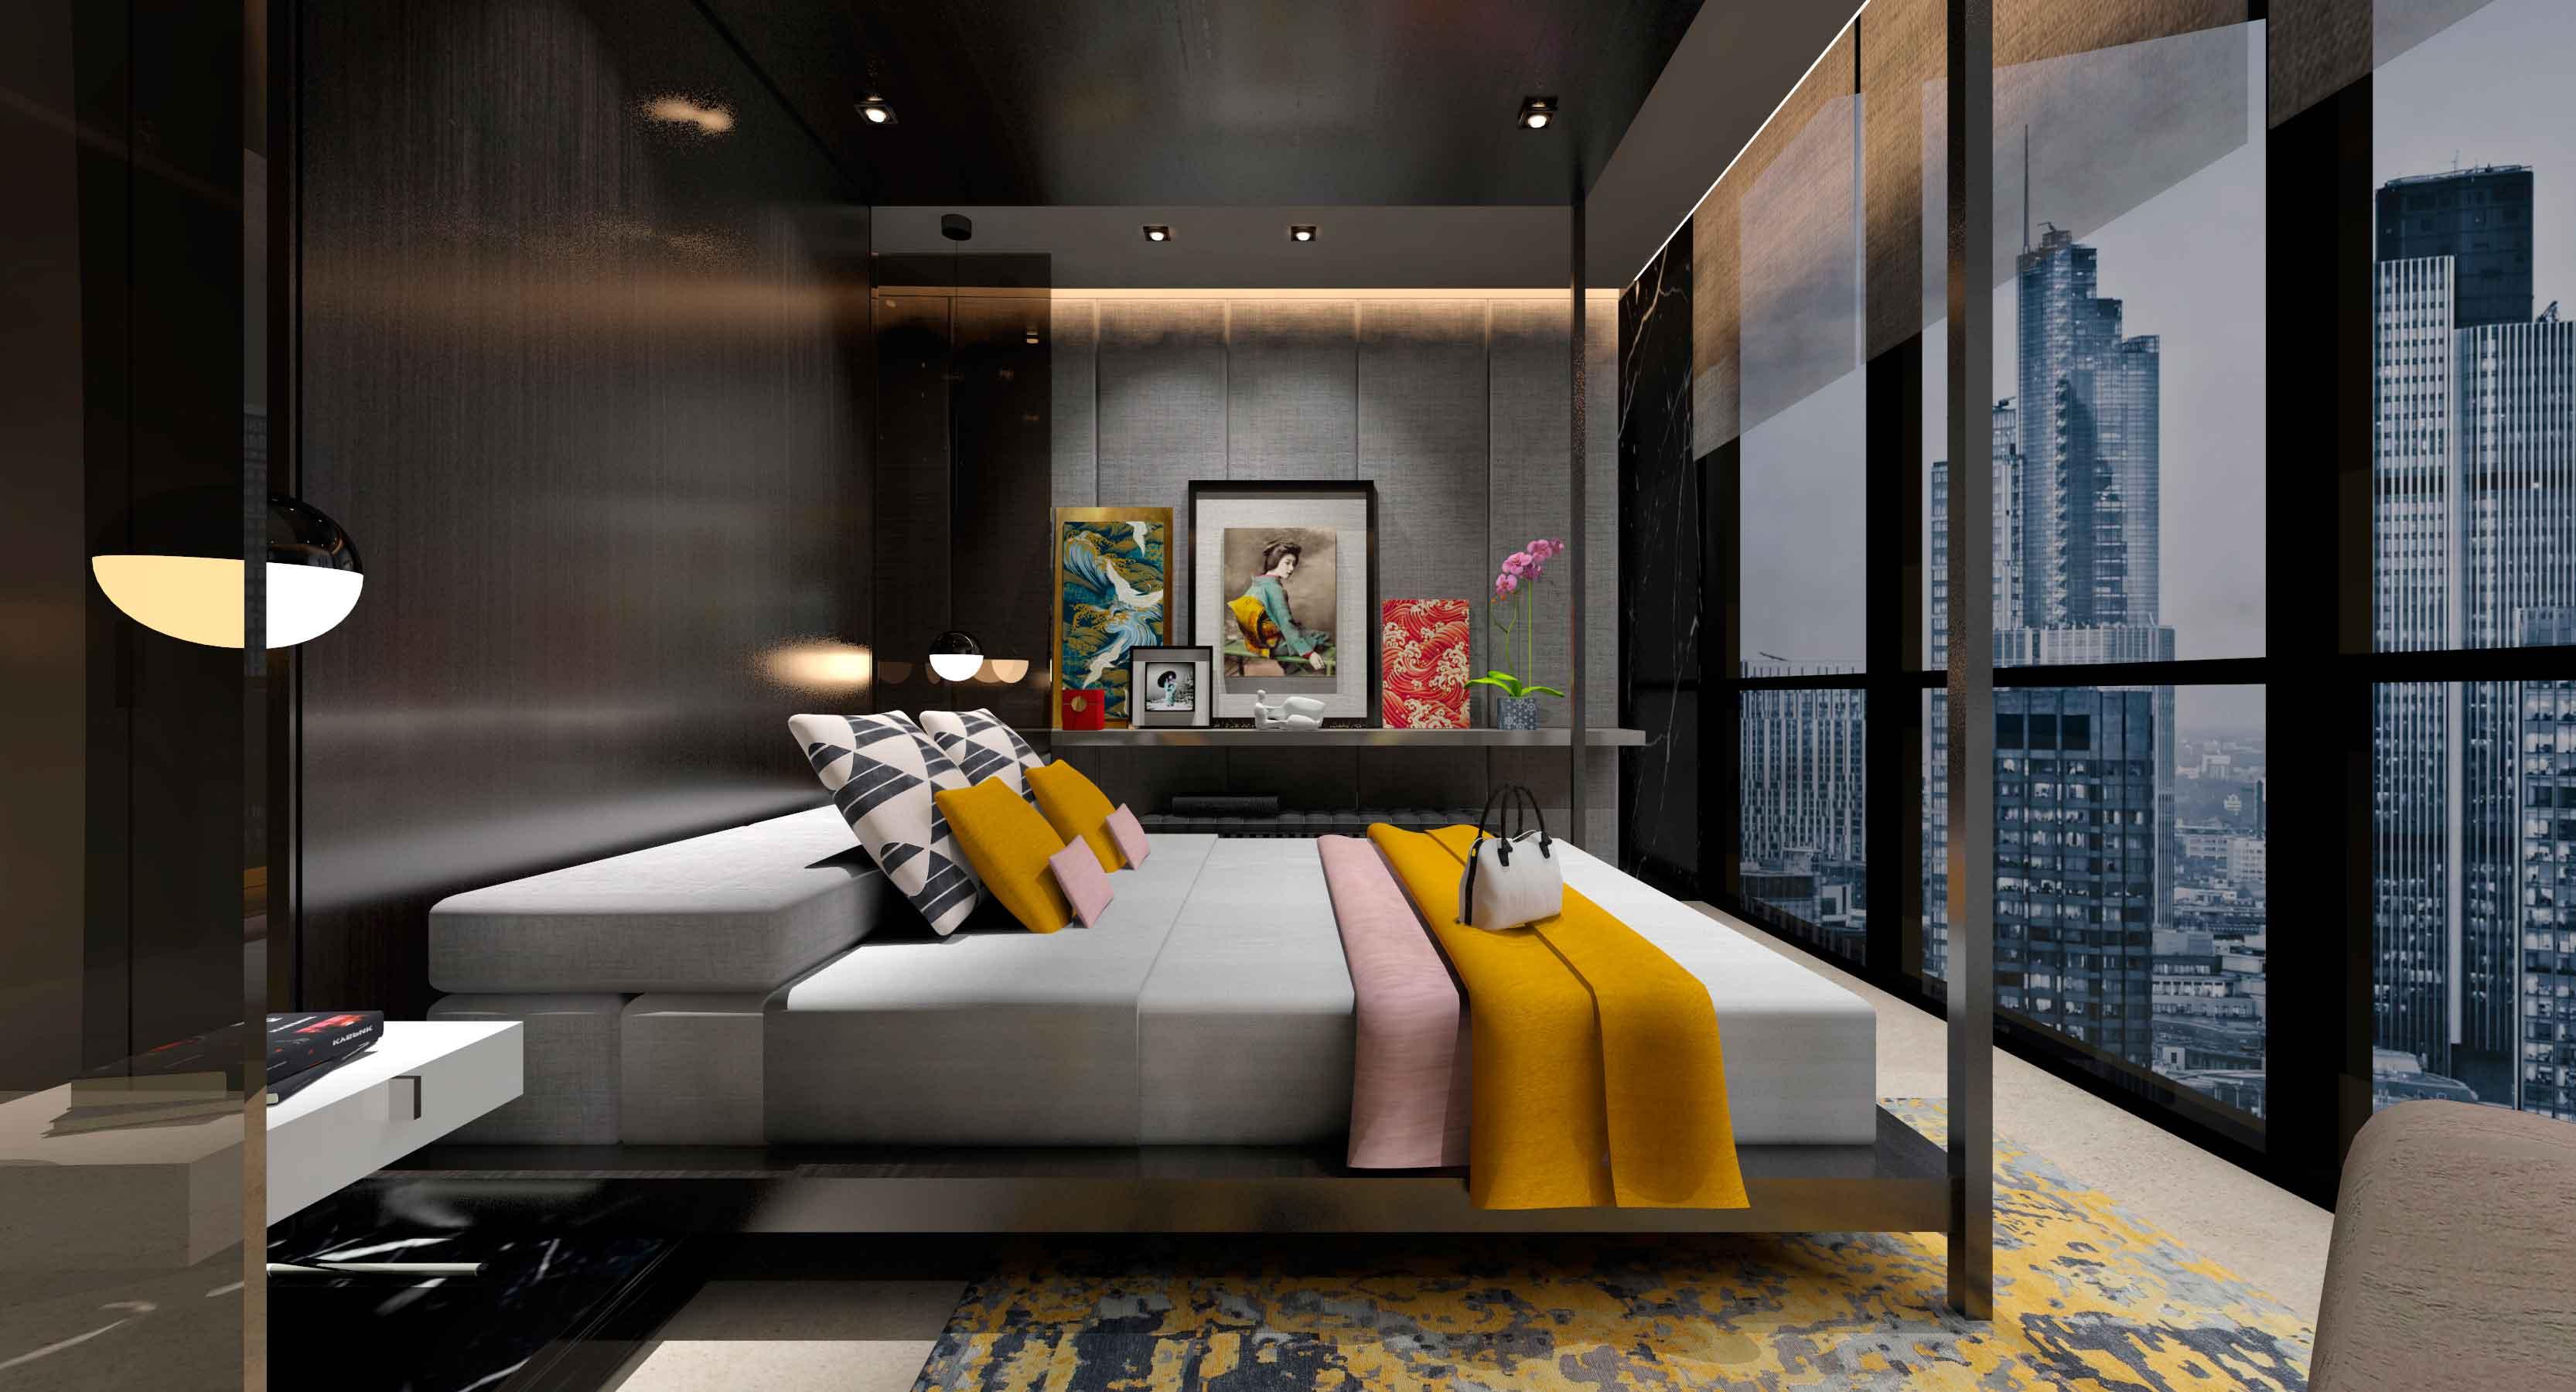 Habitación para hotel del proyecto Cosmópolis ganador de InterCIDEC 2017